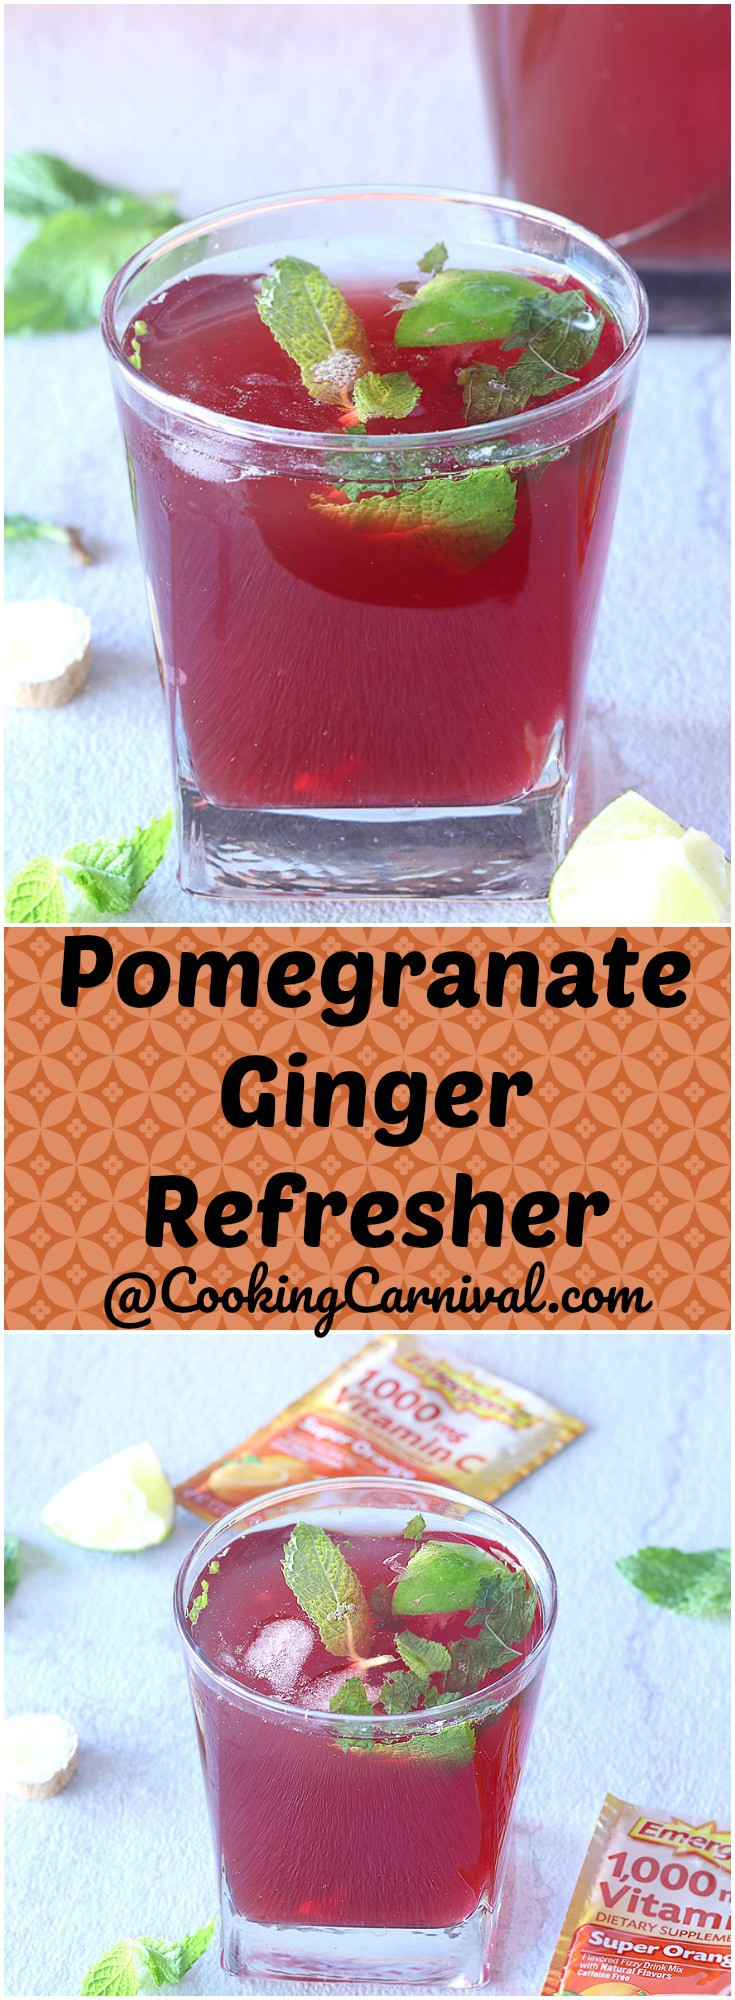 Pomegranate Ginger Refresher